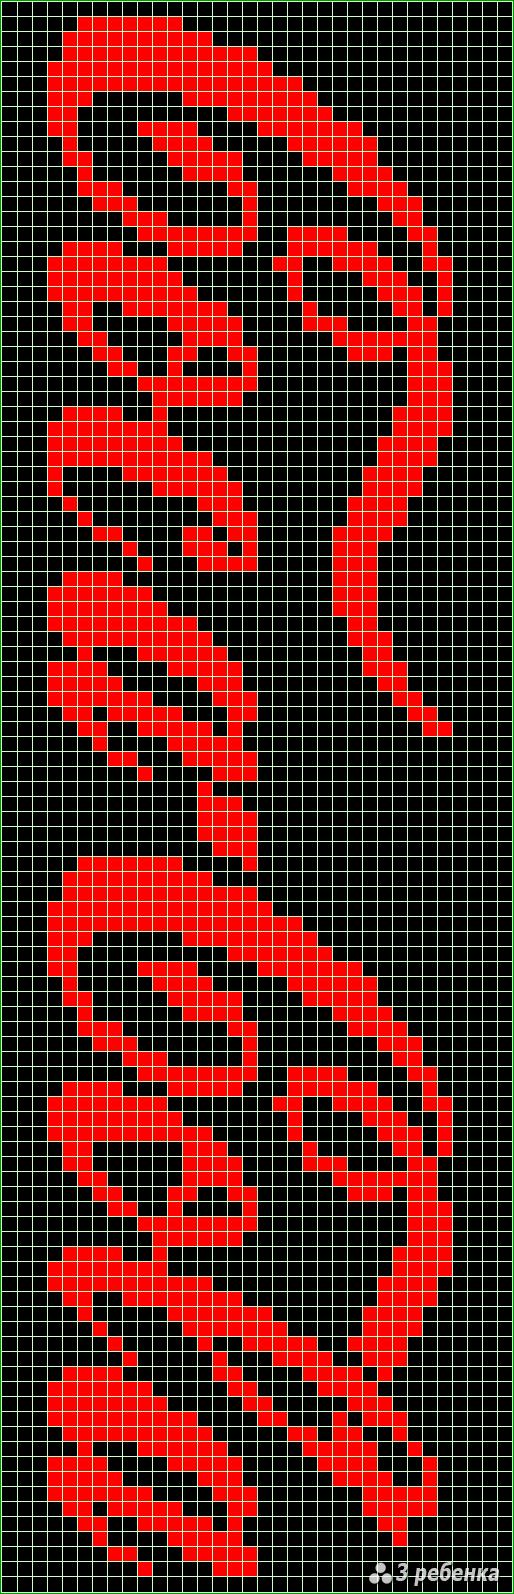 Картинки фенечек схемы прямого плетения